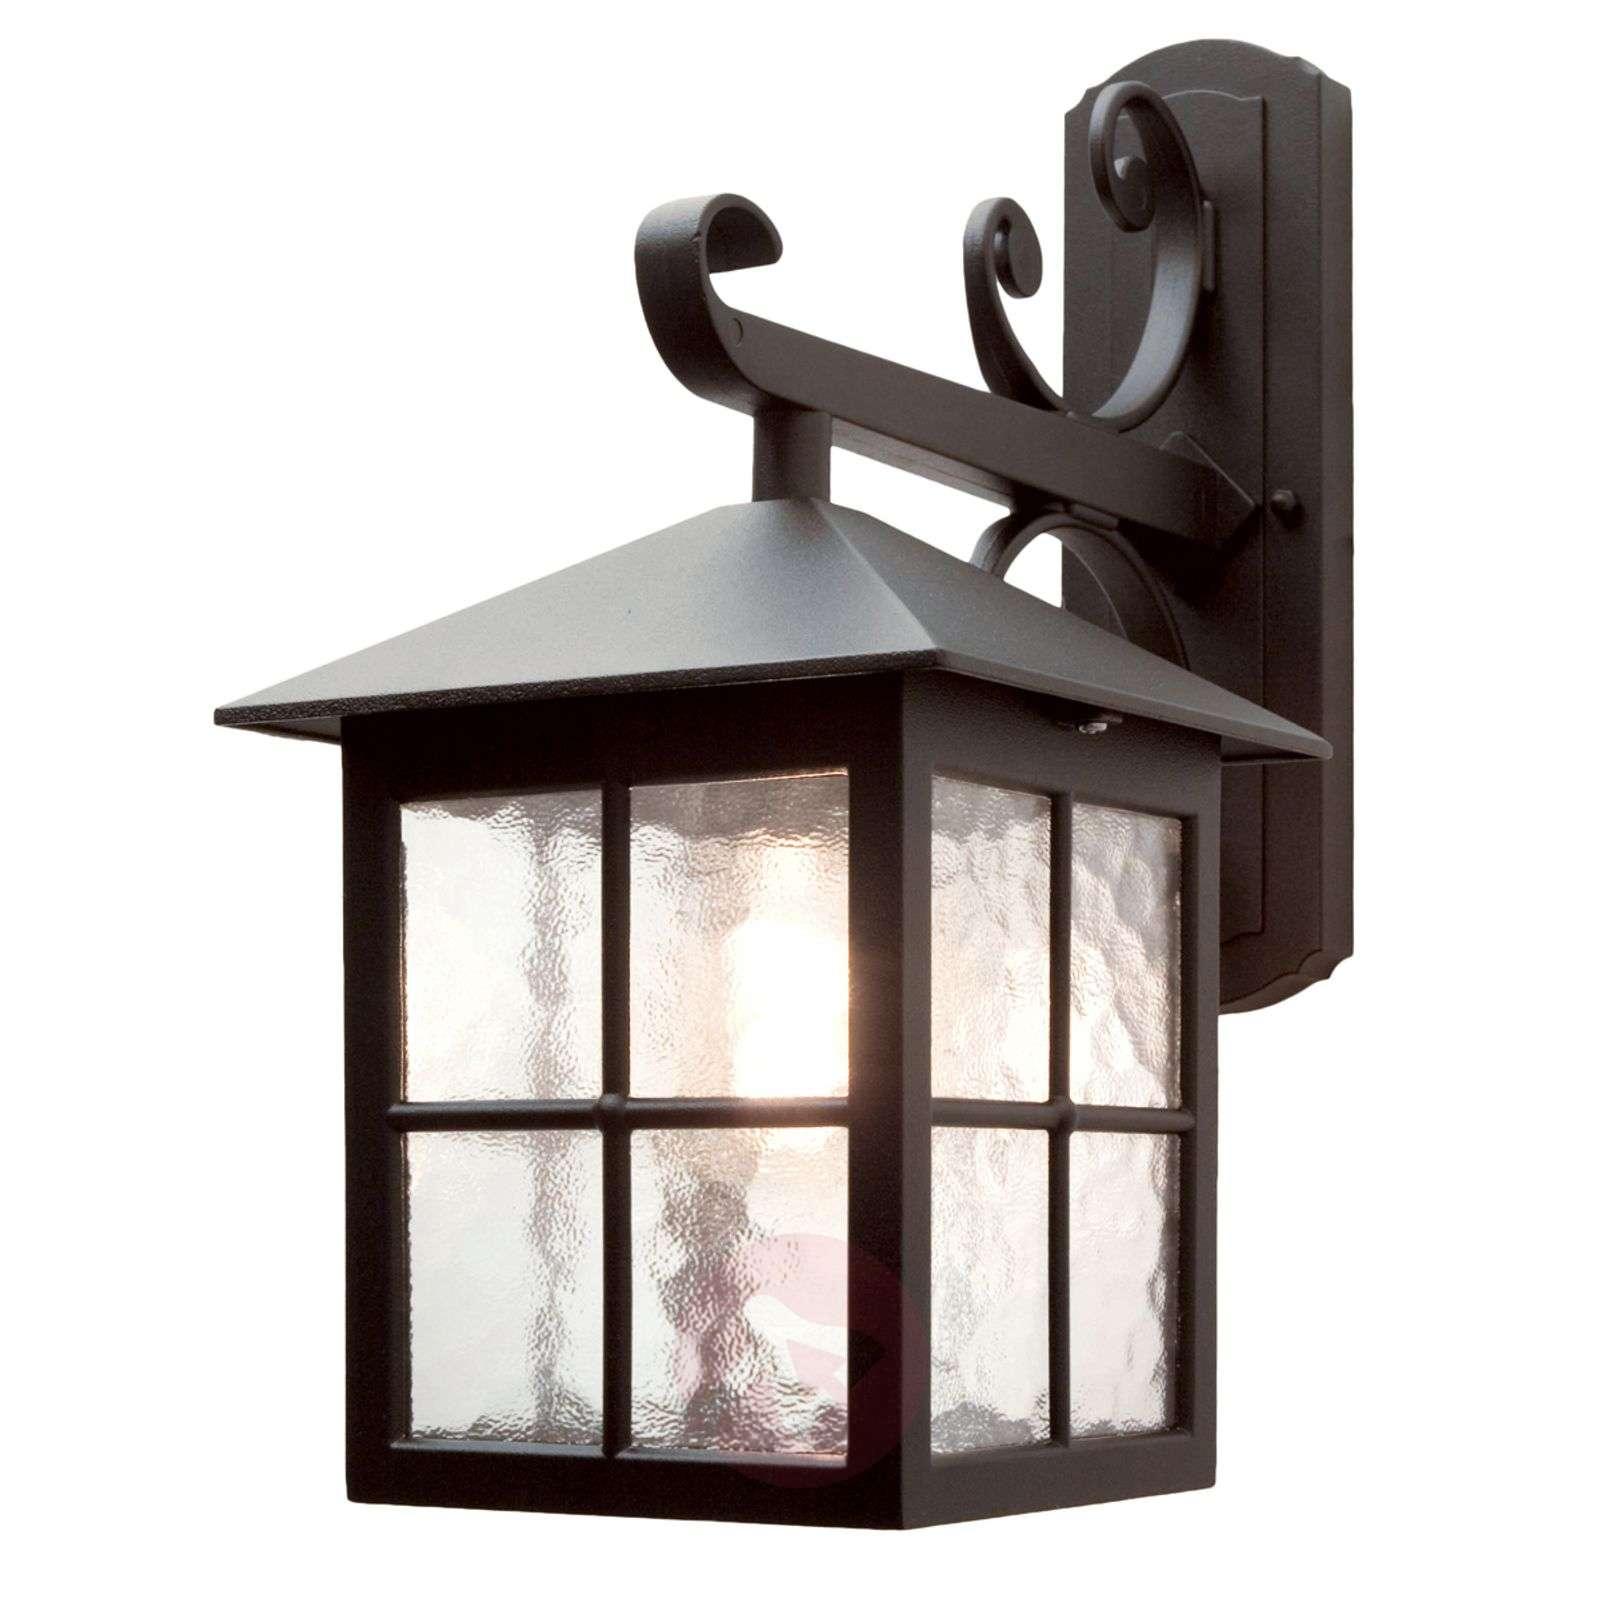 Angular outdoor wall light Winchester-3048427-01